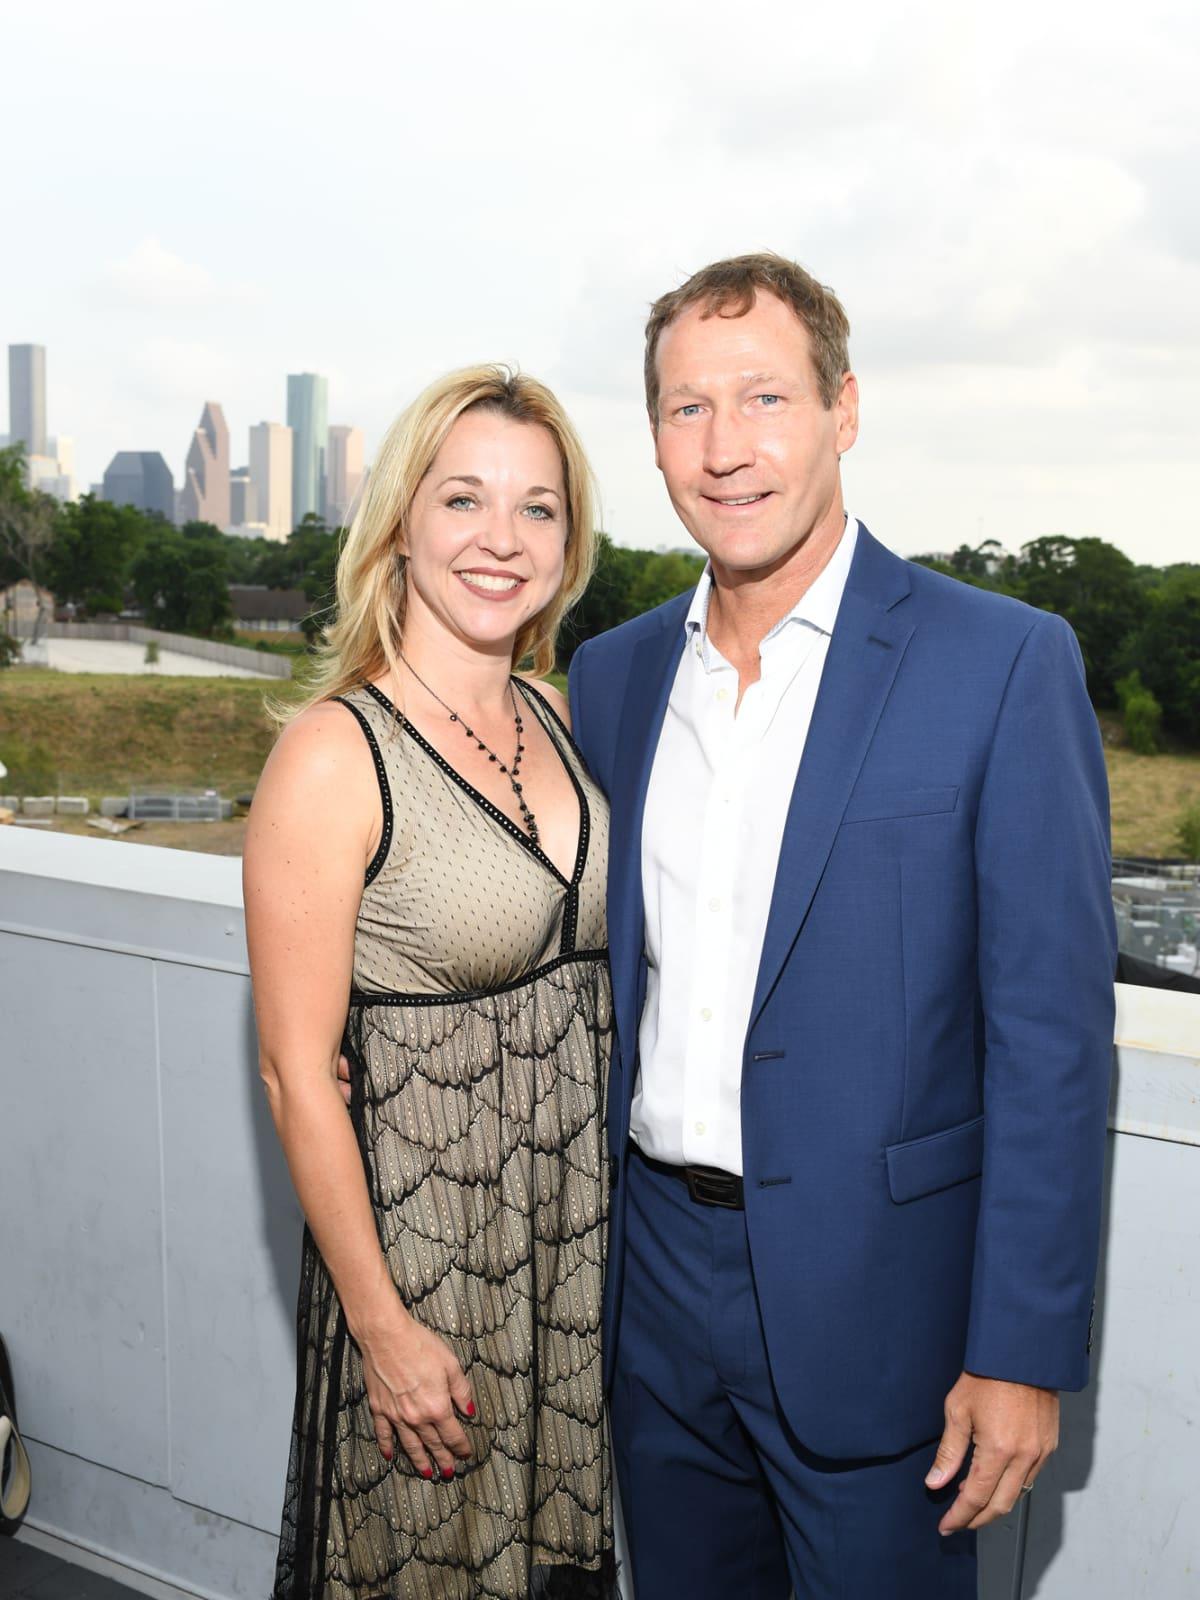 Julie Baker Finck, Ron Finck at Barbara Bush Foundation gala kickoff